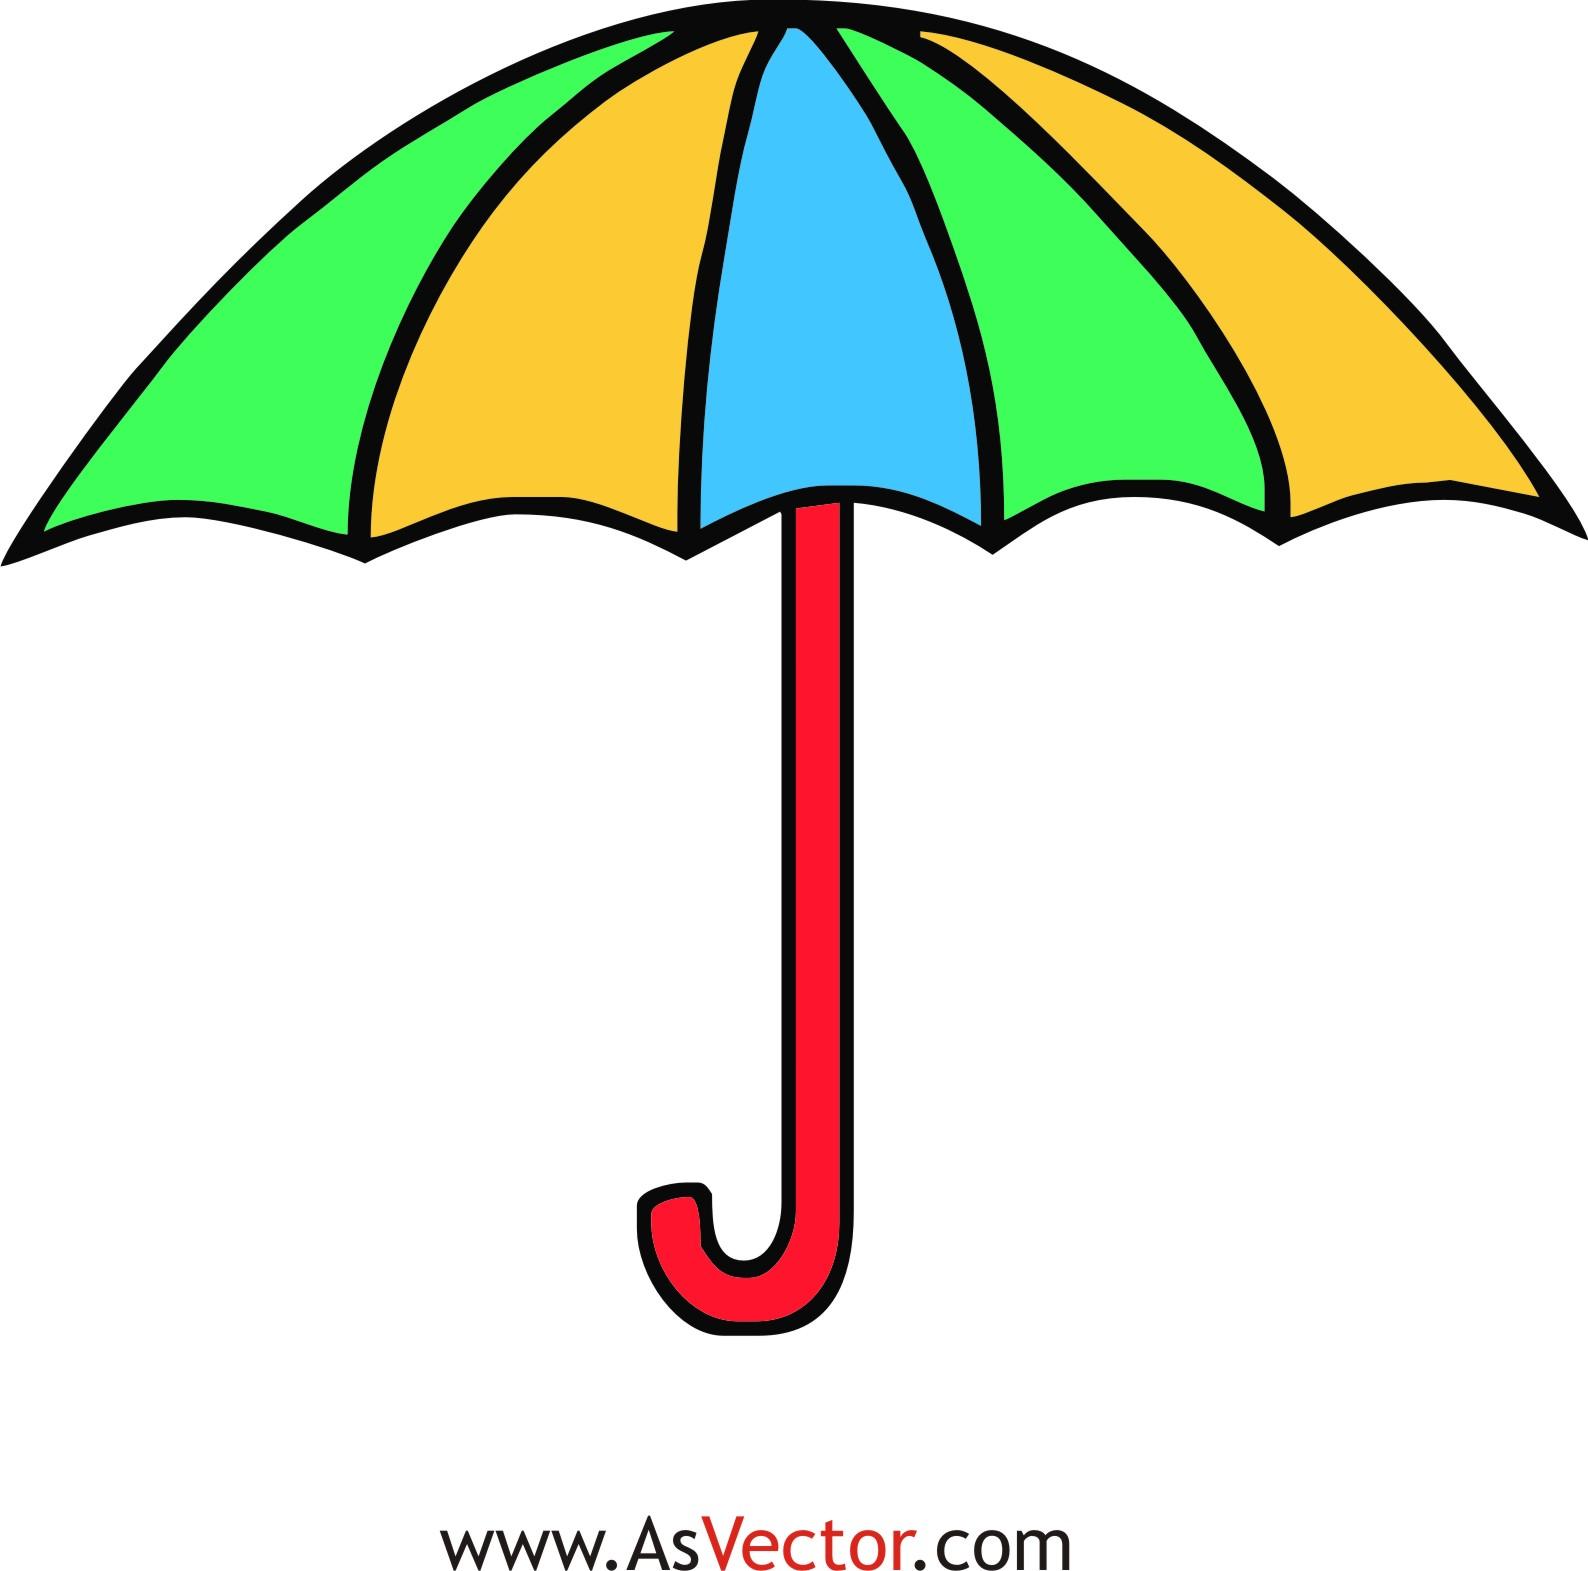 Umbrella lights clipart